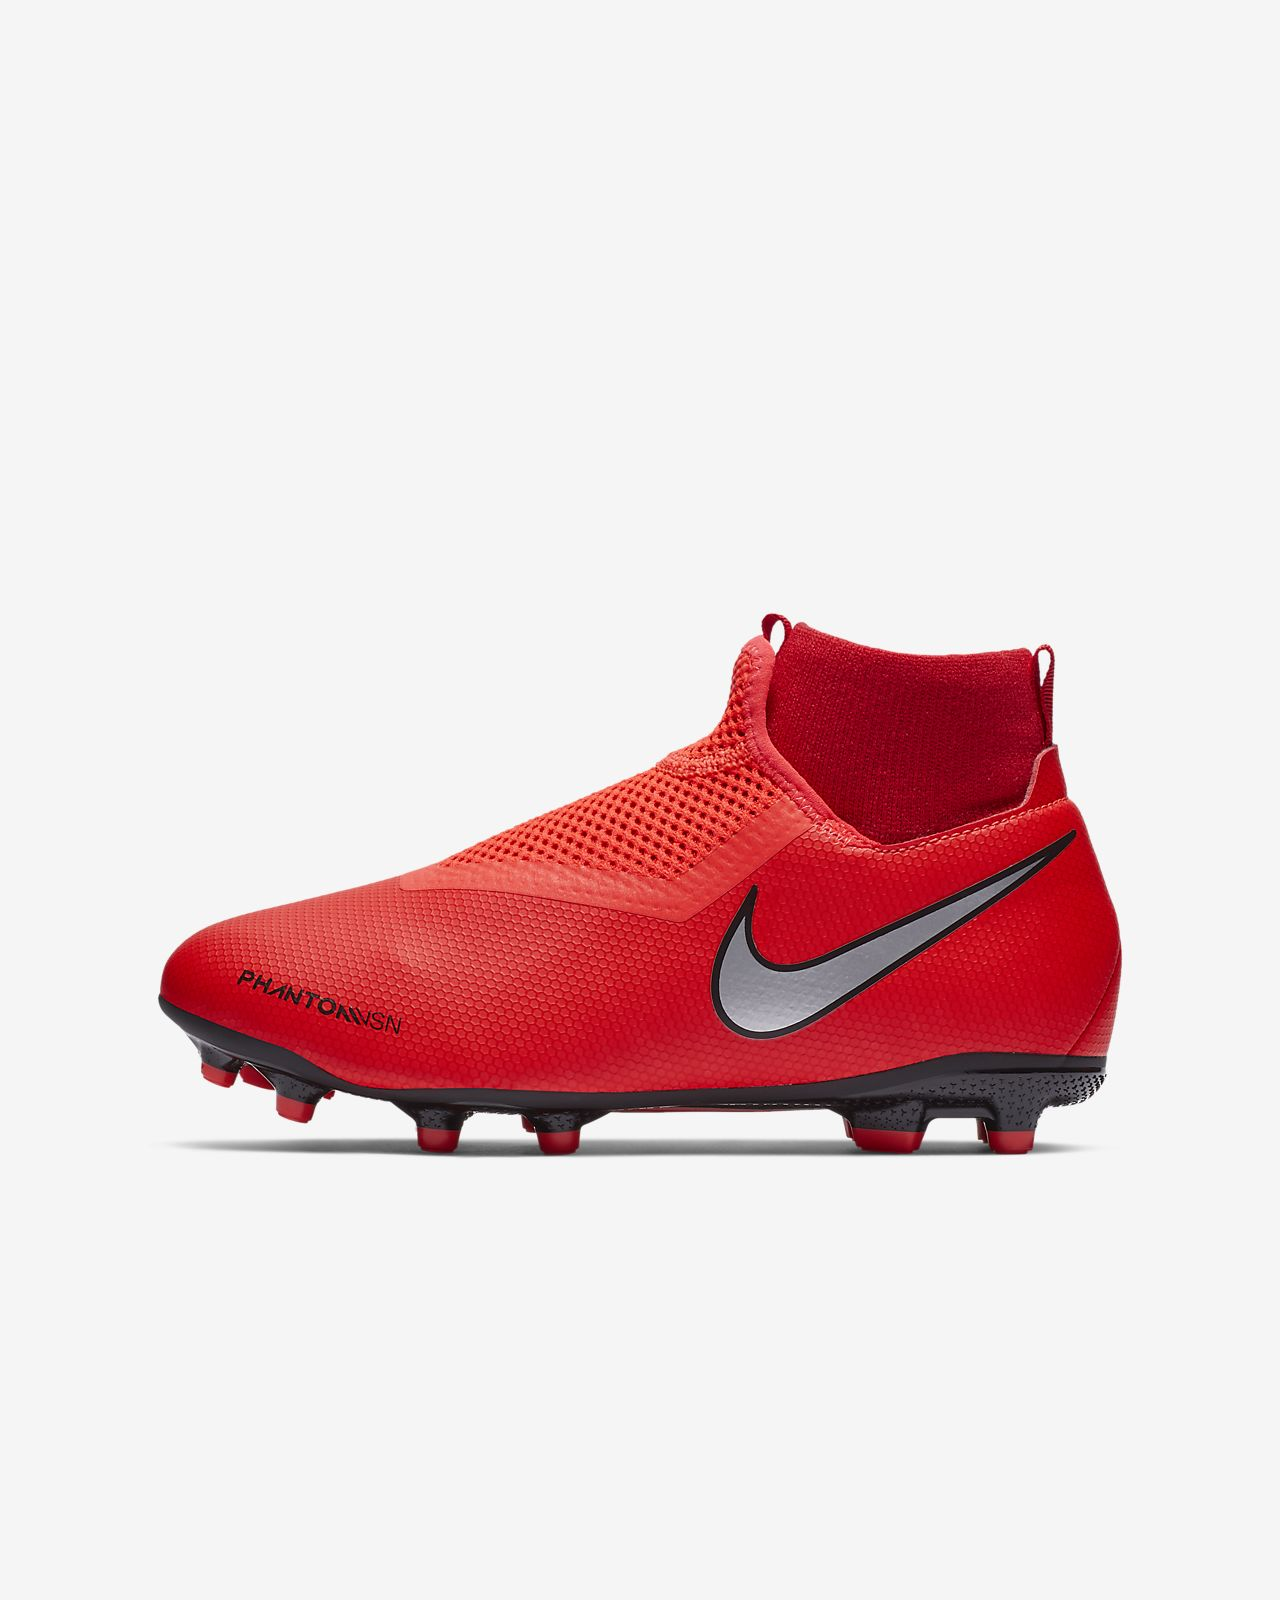 Nike Jr. PhantomVSN Academy Dynamic Fit Game Over MG Fußballschuh für verschiedene Böden für jüngere/ältere Kinder